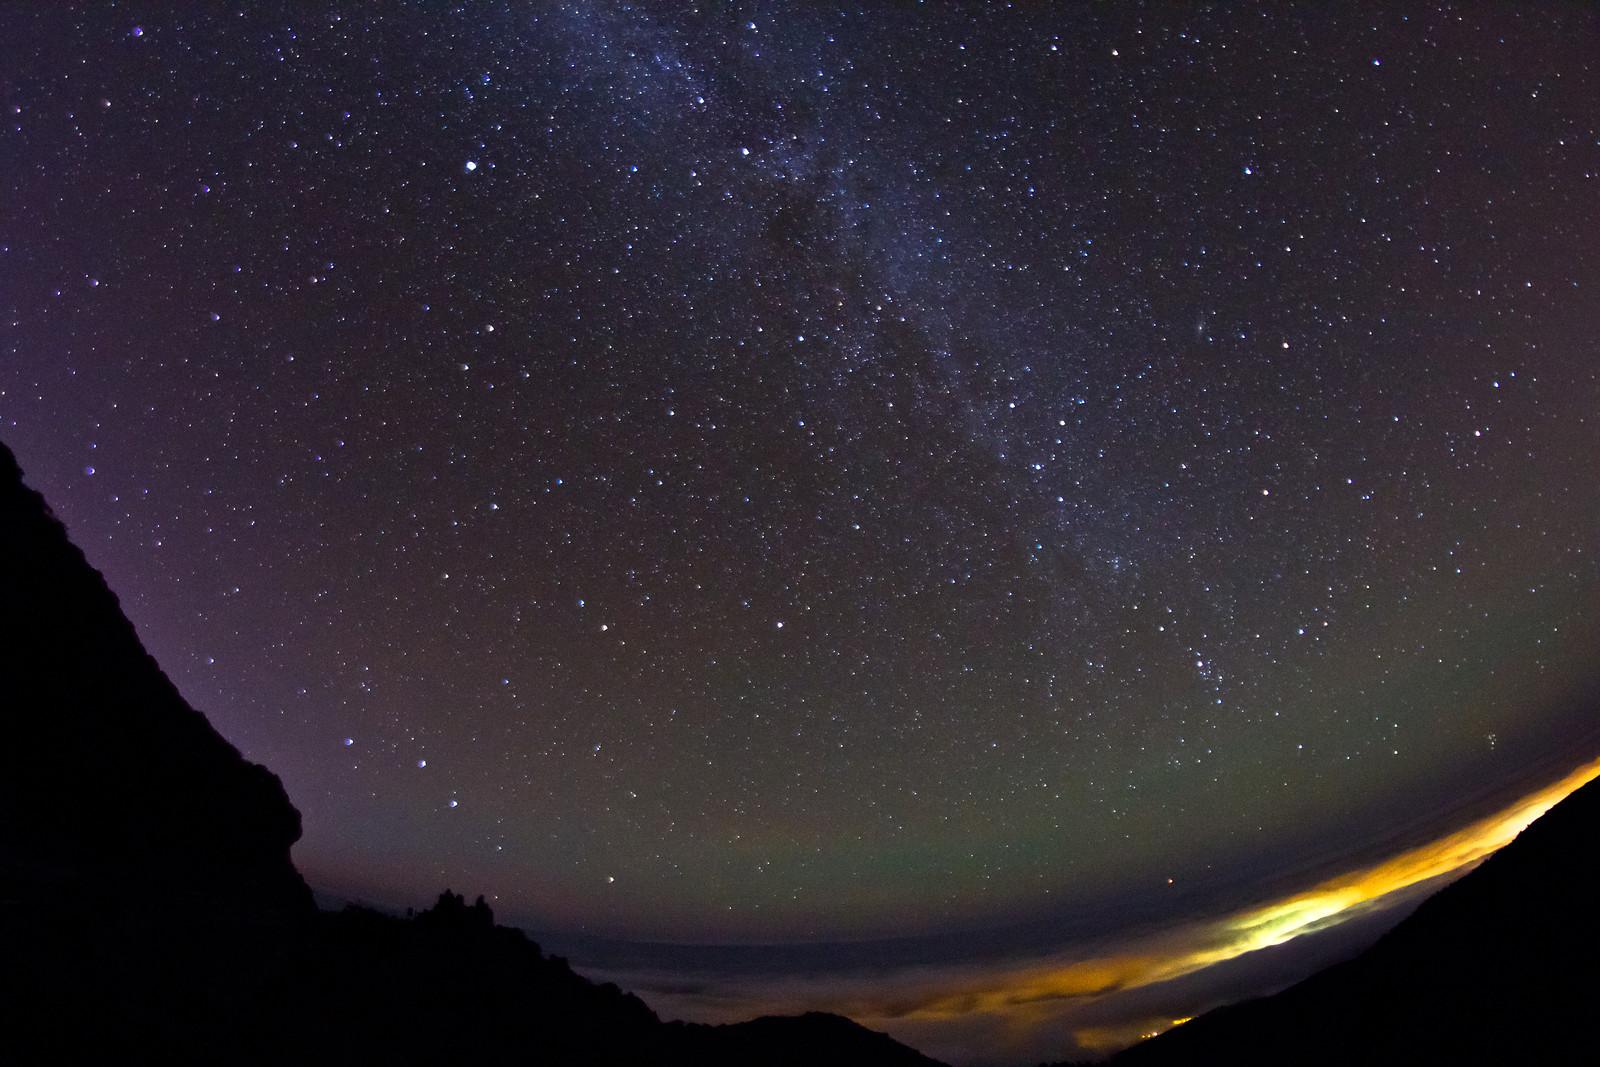 Samyang halszem csillagos égen f/3,5